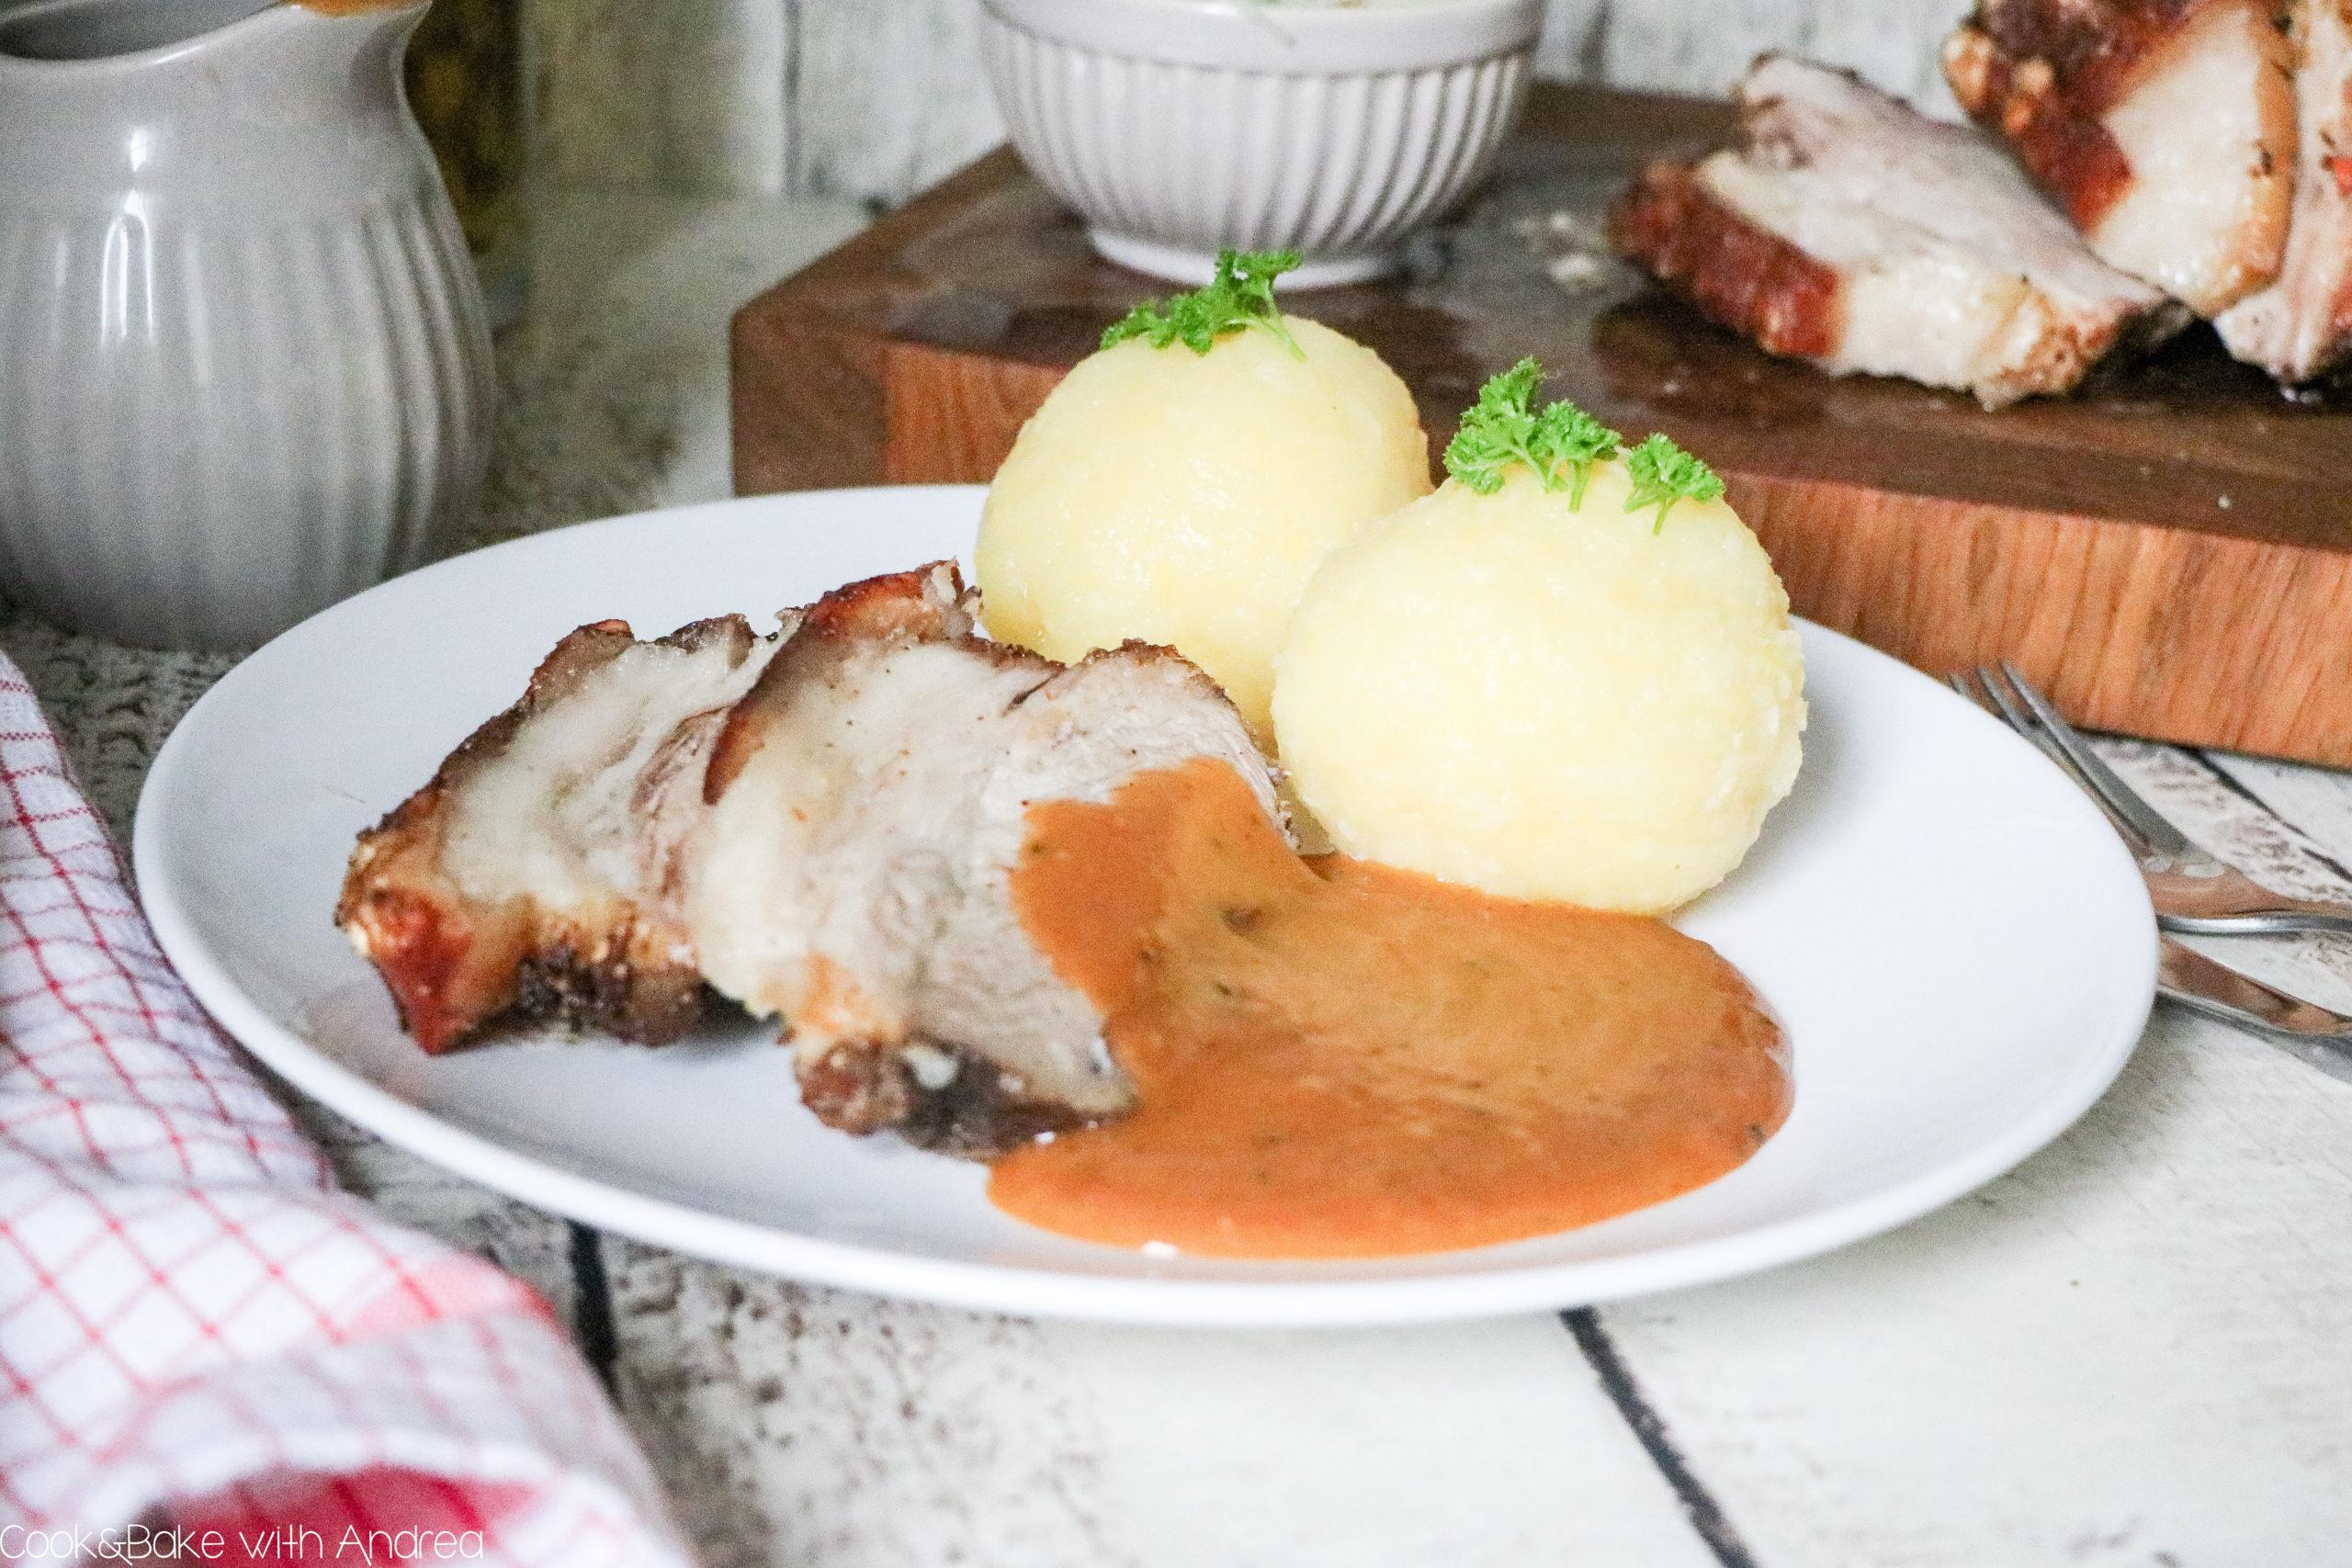 O´zapft is! Dieses Jahr leider nicht wie üblich auf dem Münchner Oktoberfest, sondern einfach zu Hause! Mit diesem selbstgemachten Schweinekrustenbraten mit Dunkelbiersoße, Kartoffelknödeln und Speck-Krautsalat holt ihr euch die Wiesn einfach nach Hause. Das traditionelle Rezept findet ihr bei Cook and Bake with Andrea.